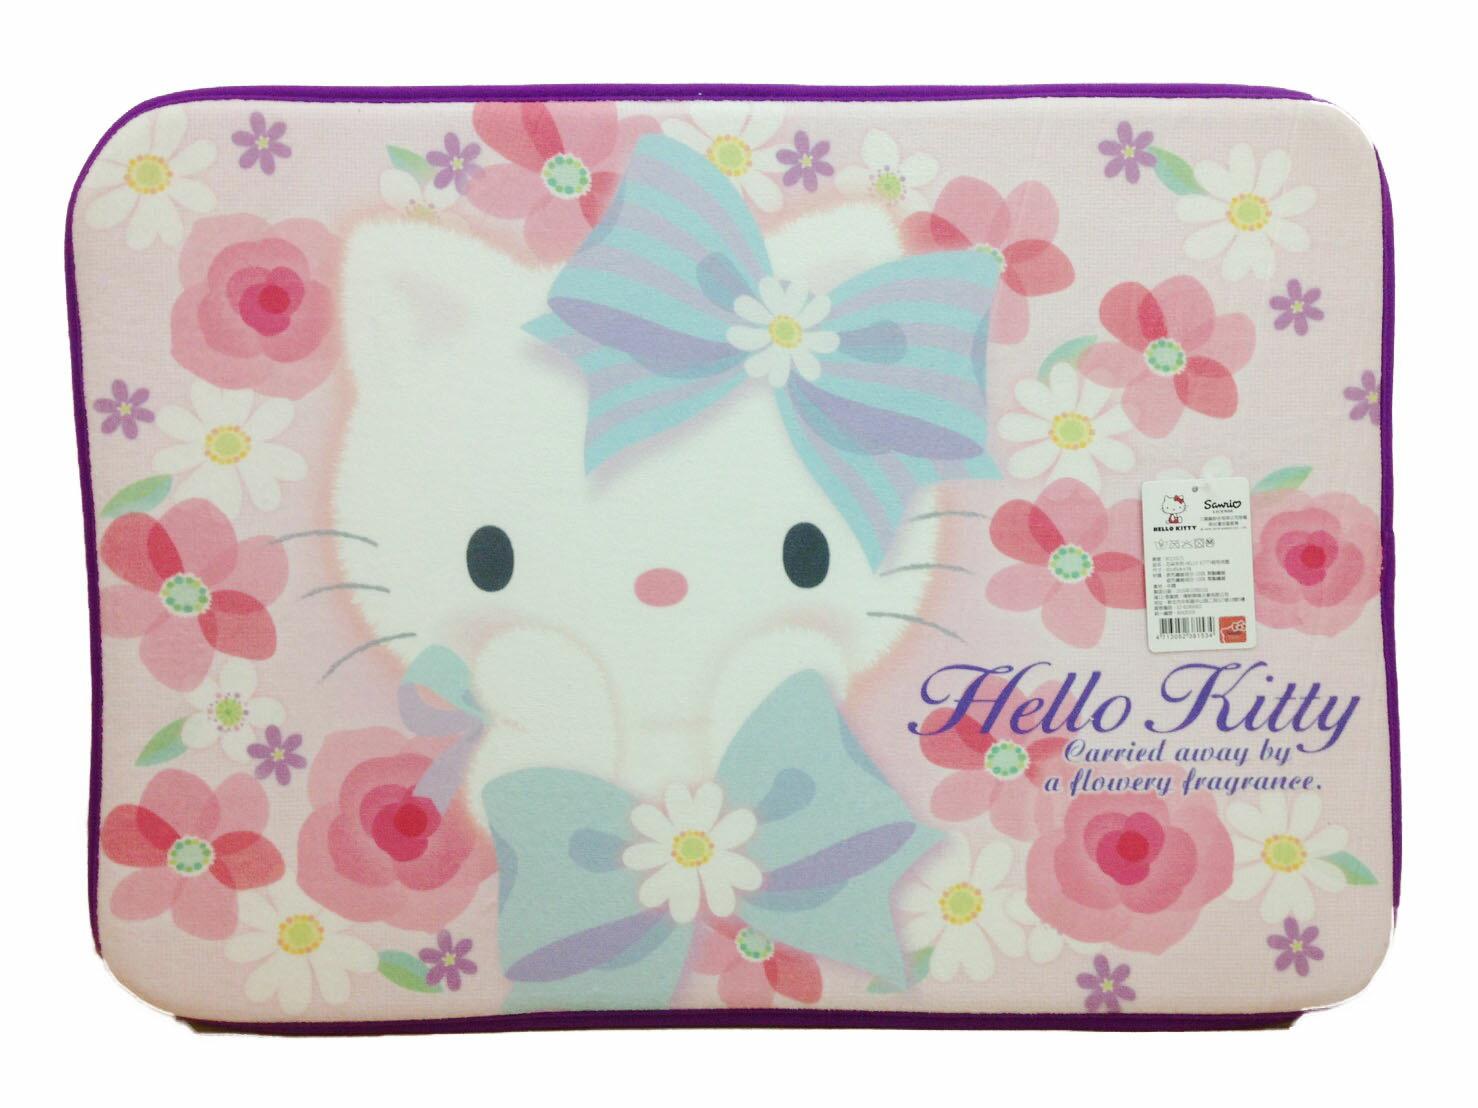 【真愛日本】17020800001花朵系列絨毛地墊-KT紫邊    三麗鷗 Hello Kitty 凱蒂貓  地墊 腳踏墊 生活用品